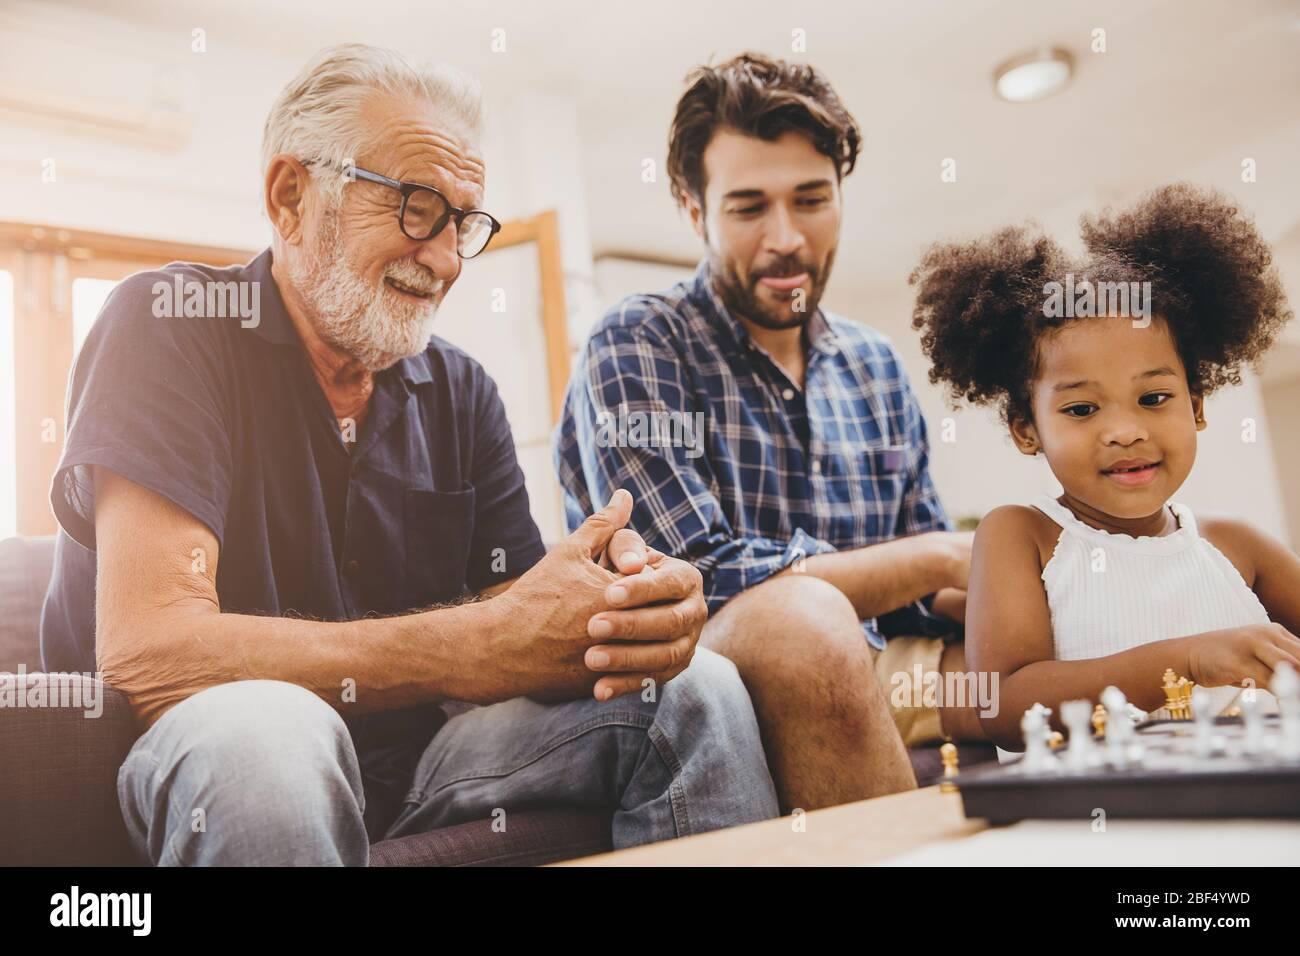 Heureux moment de famille aîné avec enfant petite fille et fils à la maison bonheur moment jouant jeu d'échecs. Banque D'Images